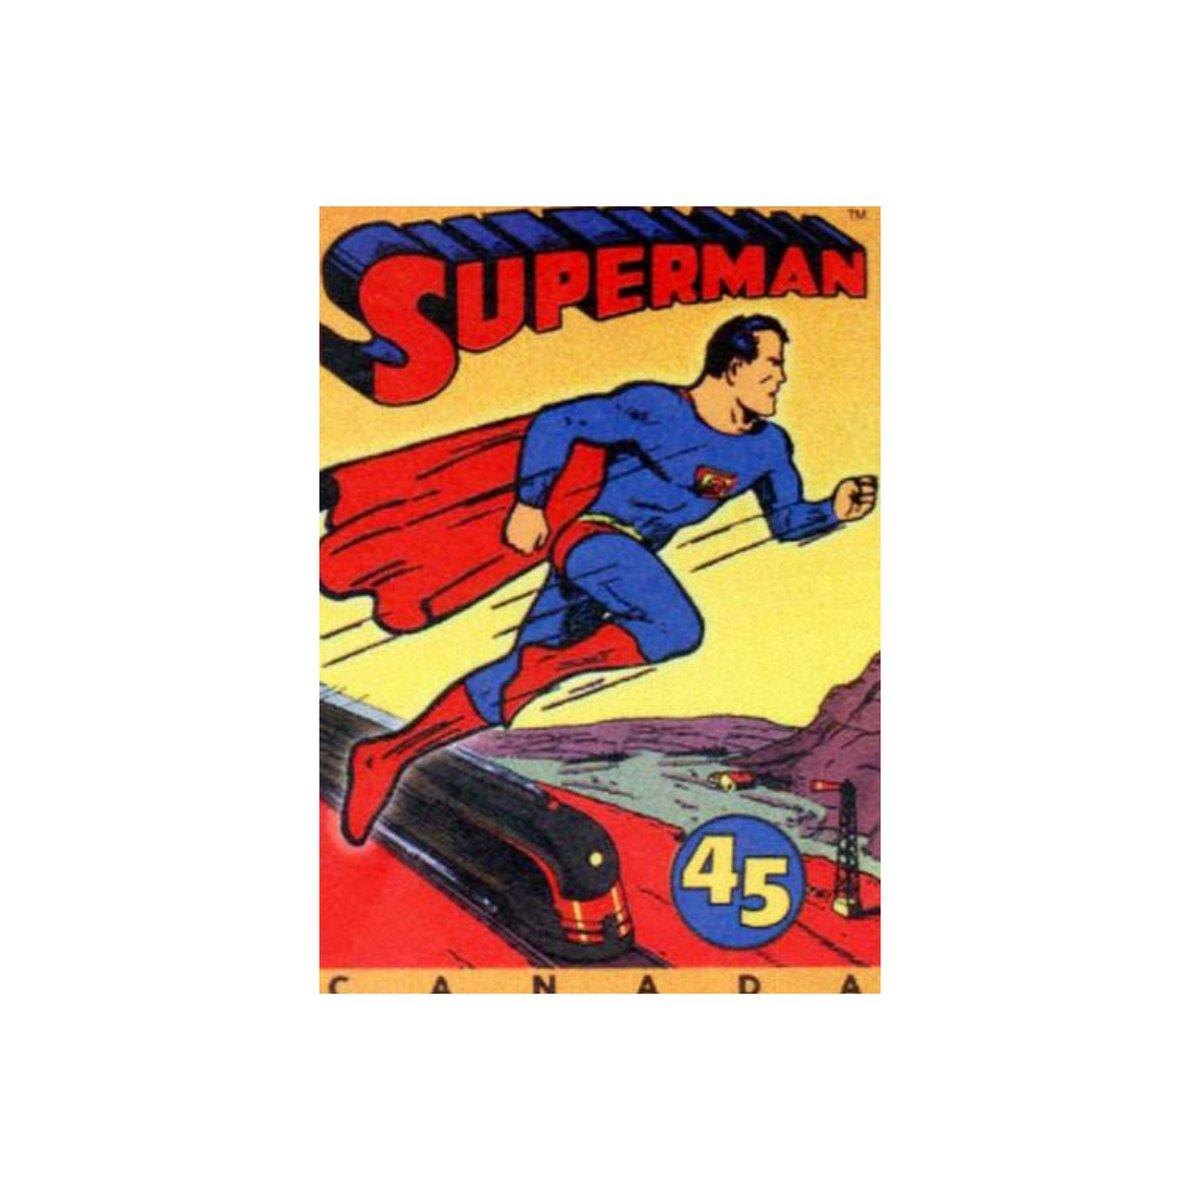 En 1938 el personaje de Superman no volaba, pero en cambio saltaba muy alto. Fue en 1941 cuando pudo volar y lo hicieron aún más fuerte y poderoso. #Superman #MiniToyOaxaca https://t.co/Y6bnIwvjxo